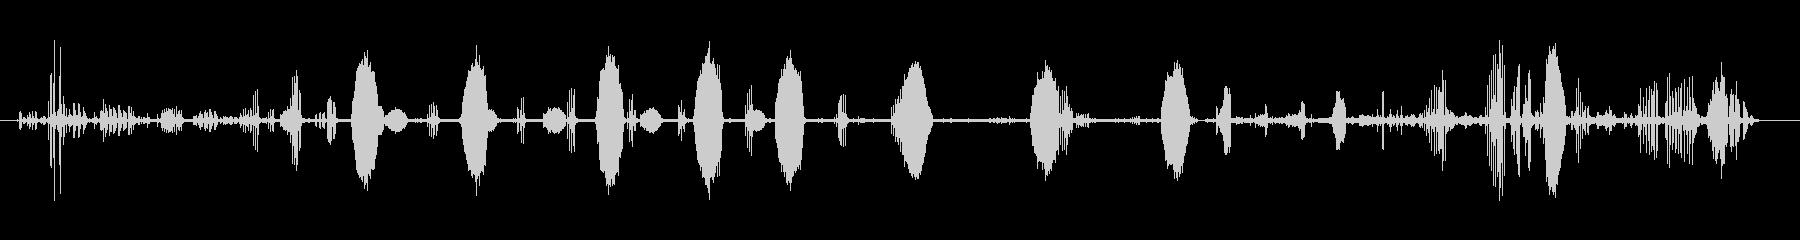 ヴェルダムの未再生の波形